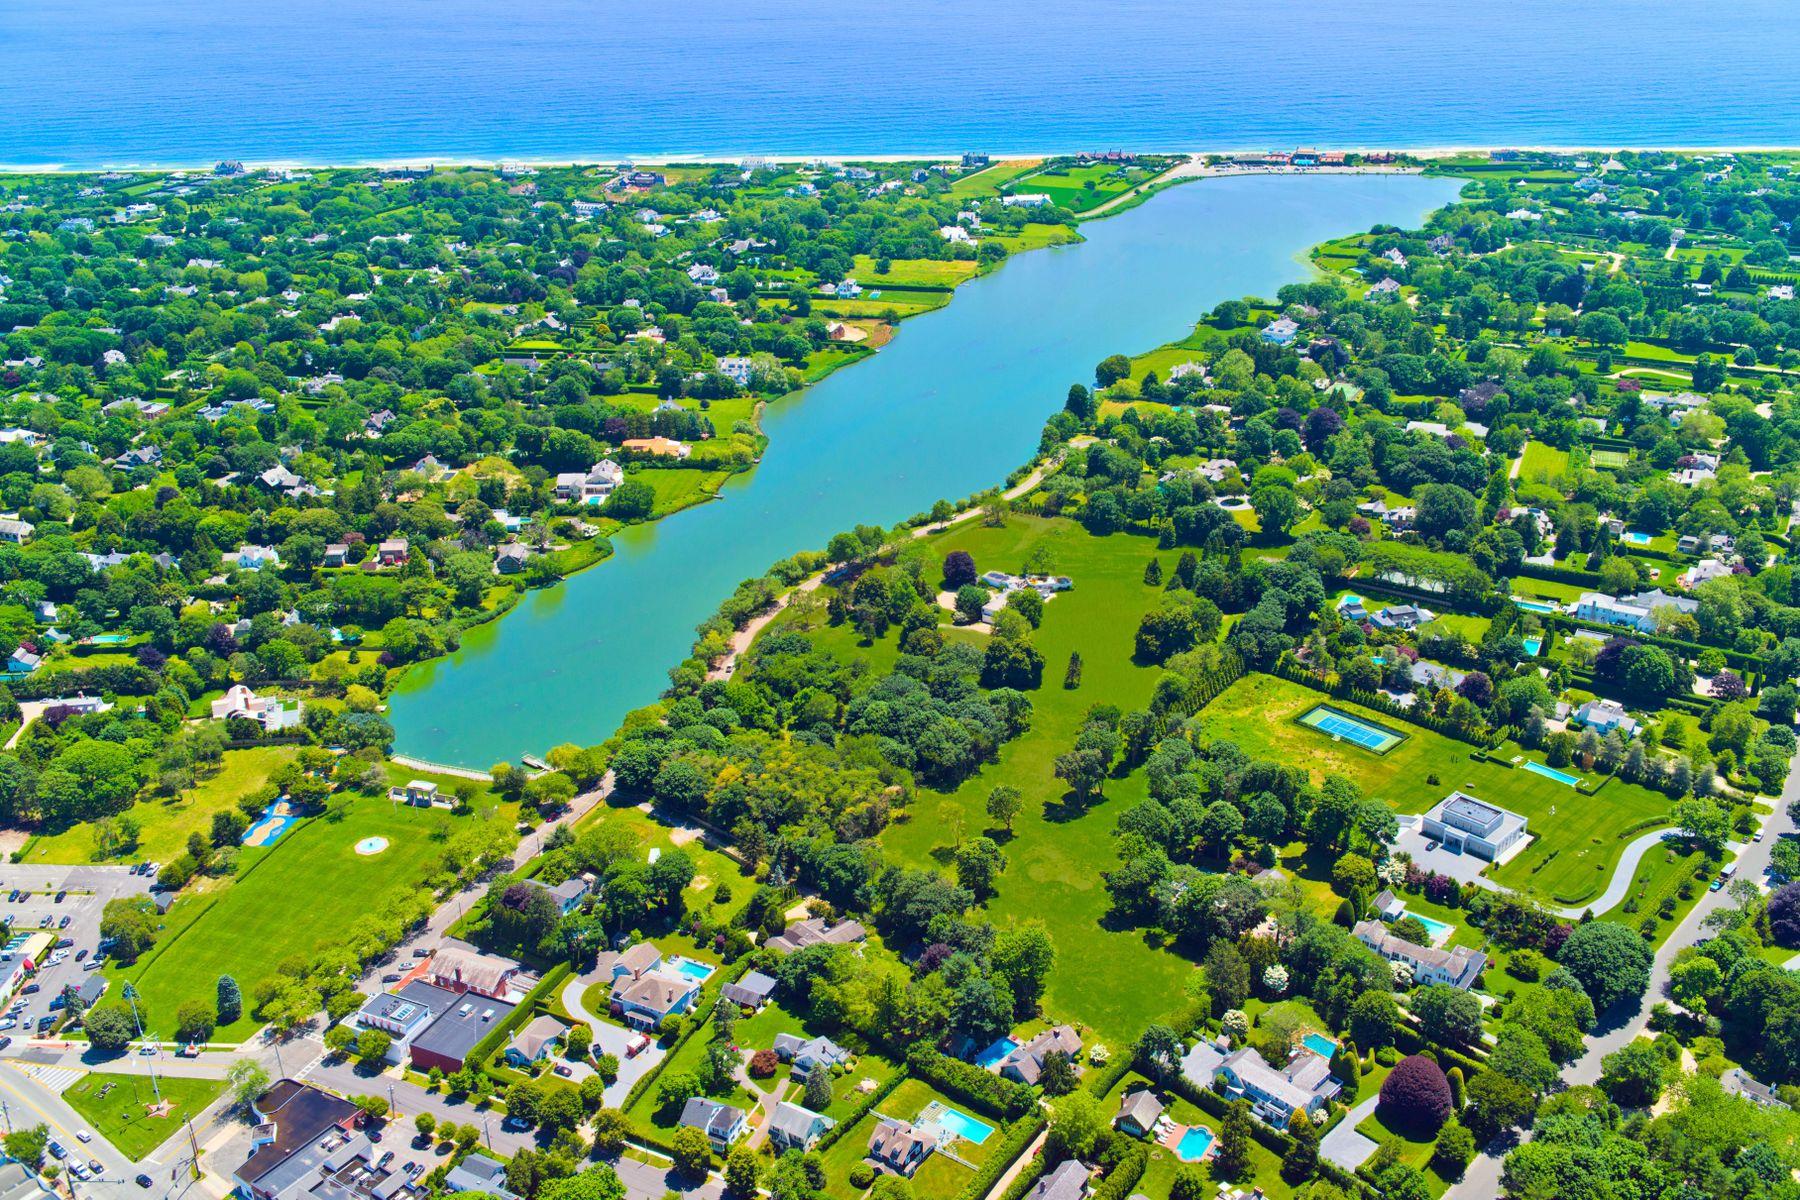 土地,用地 为 销售 在 Water Views Lake Agawam 111 Pond Lane, Lot 3 南安普敦, 纽约 11968 美国